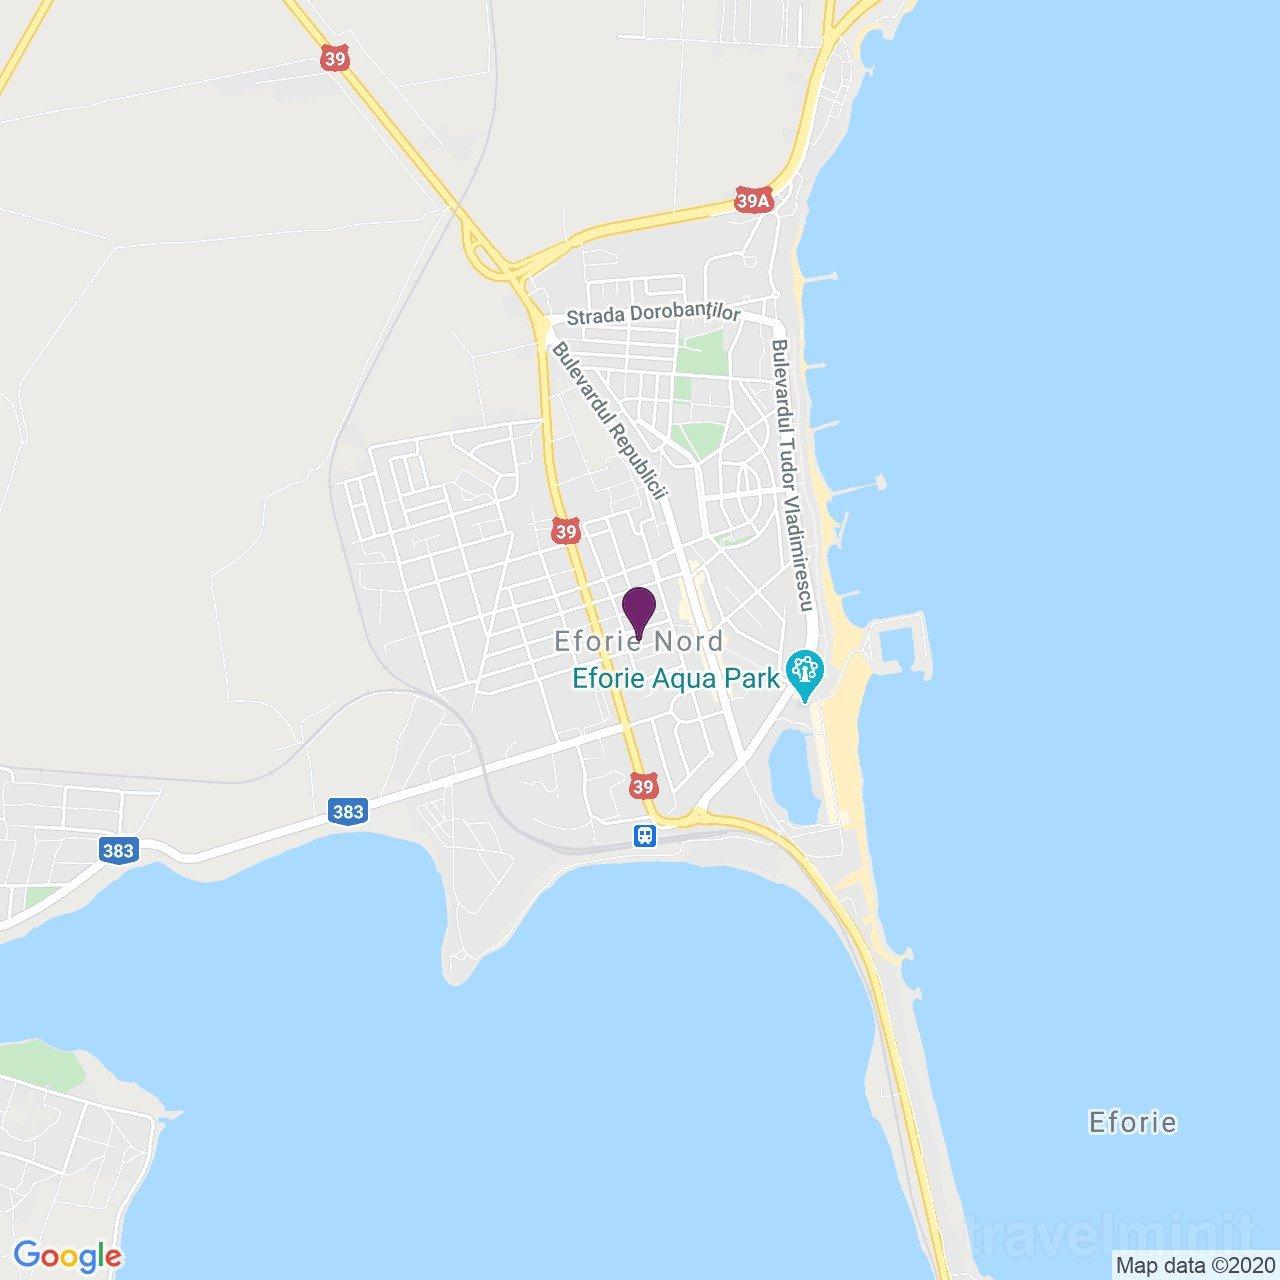 Vila Ryanna Beach Eforie Nord